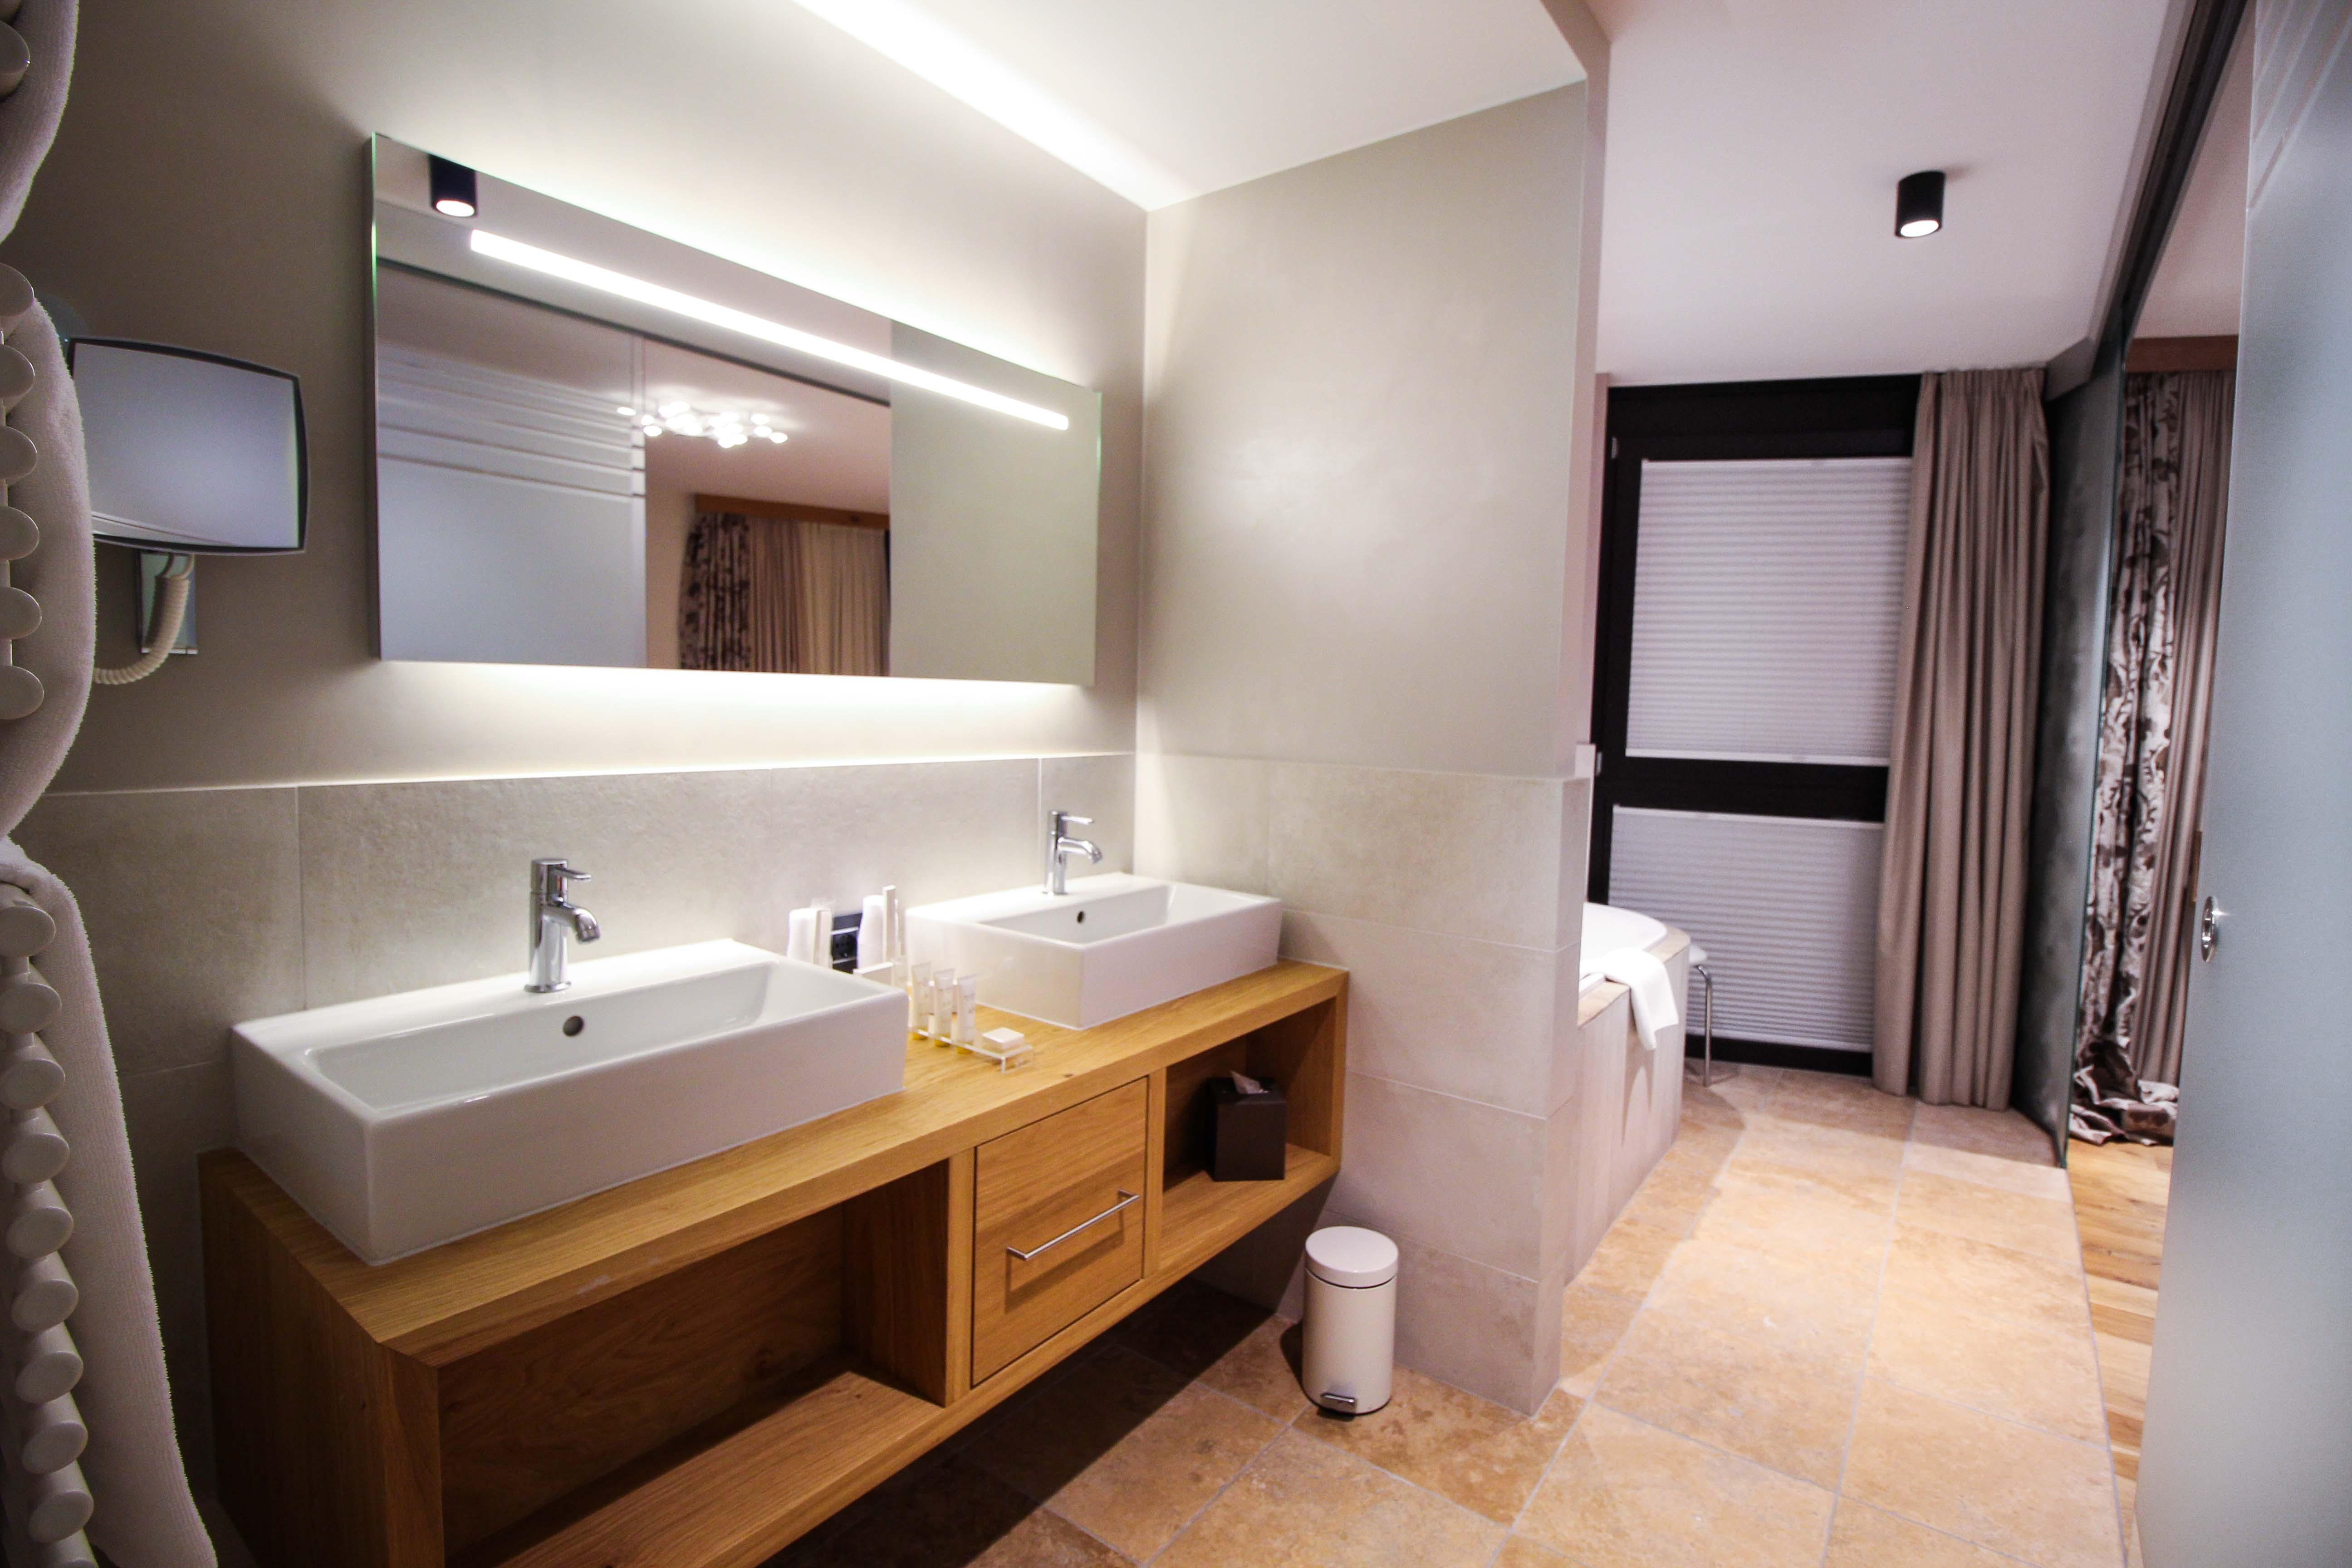 Das Central Sölden 5-Sterne Wellnesshotel Luxushotel Sölden Tirol Österreich Doppelzimmer Reiseblog offenes Badezimmer modern Waschbecken